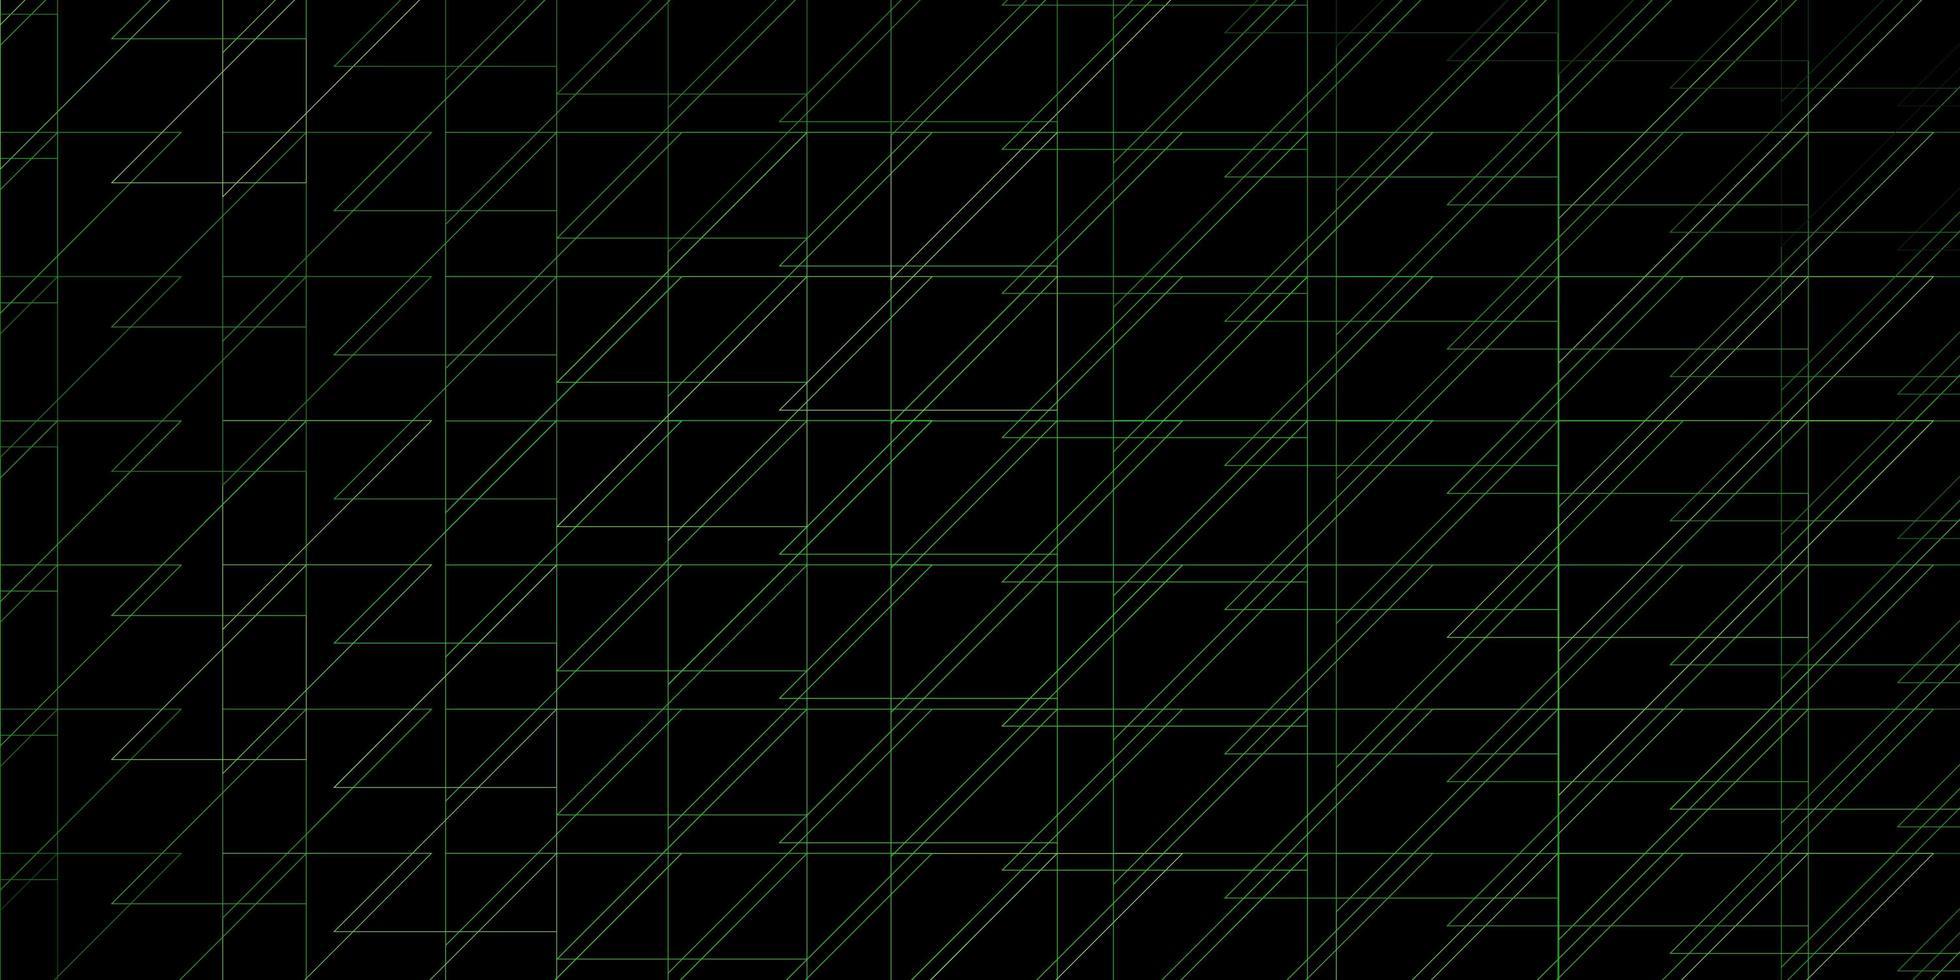 grüne Vorlage mit Linien. vektor